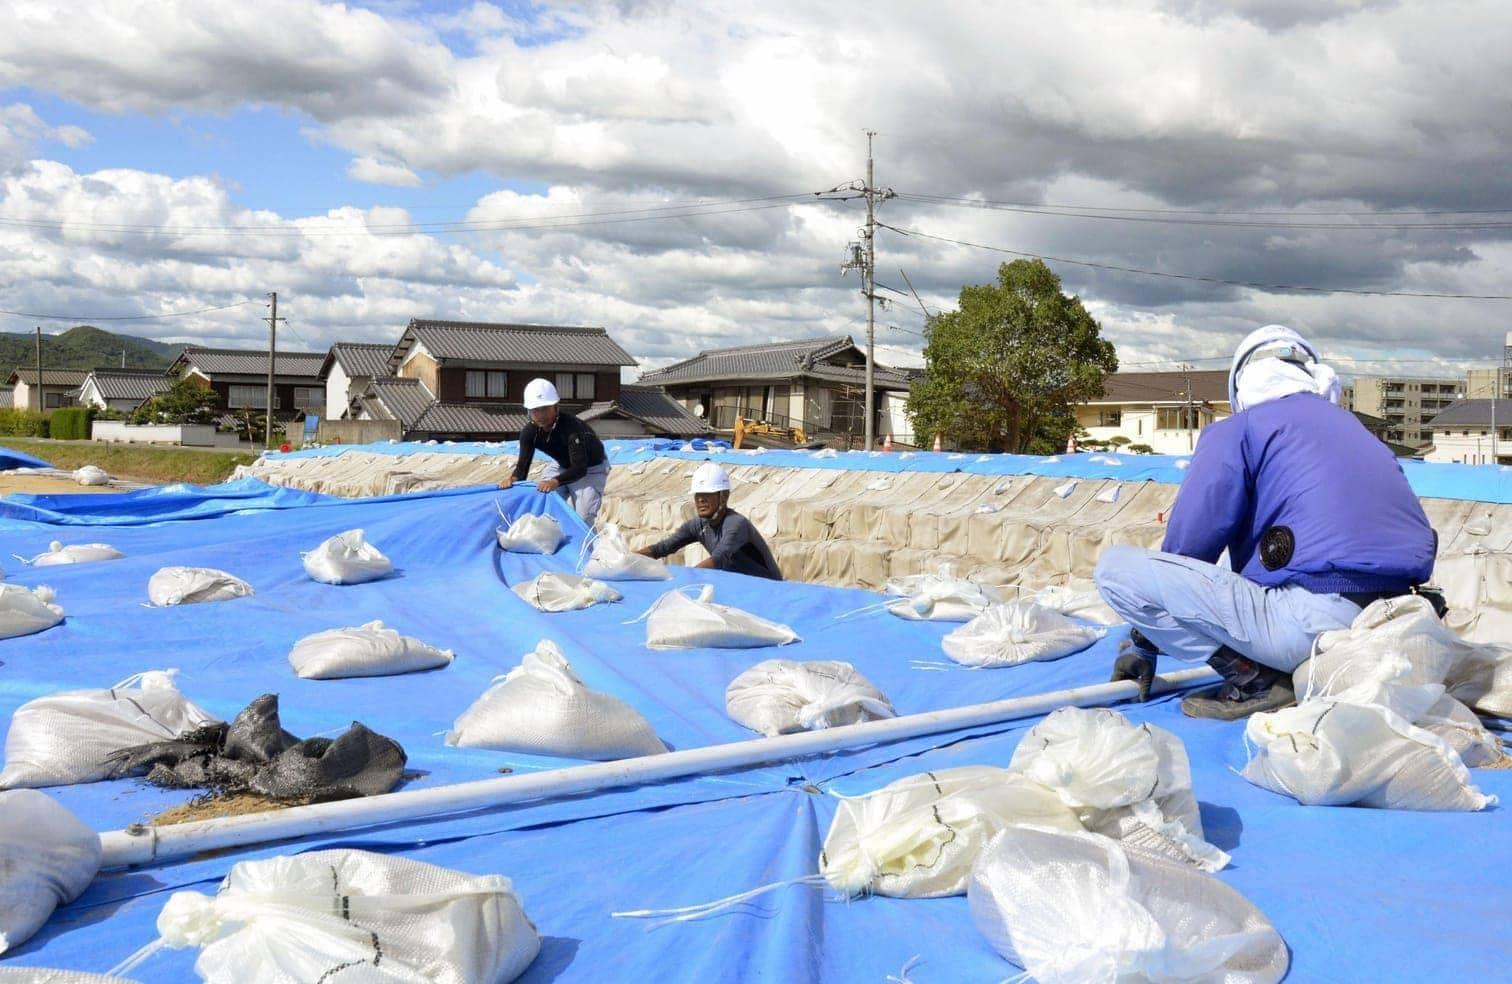 <p>Die Wetterbehörde warnte vor Überschwemmungen und Erdrutschen als Folge des starken Regens und der Sturmböen.</p> Foto: dpa